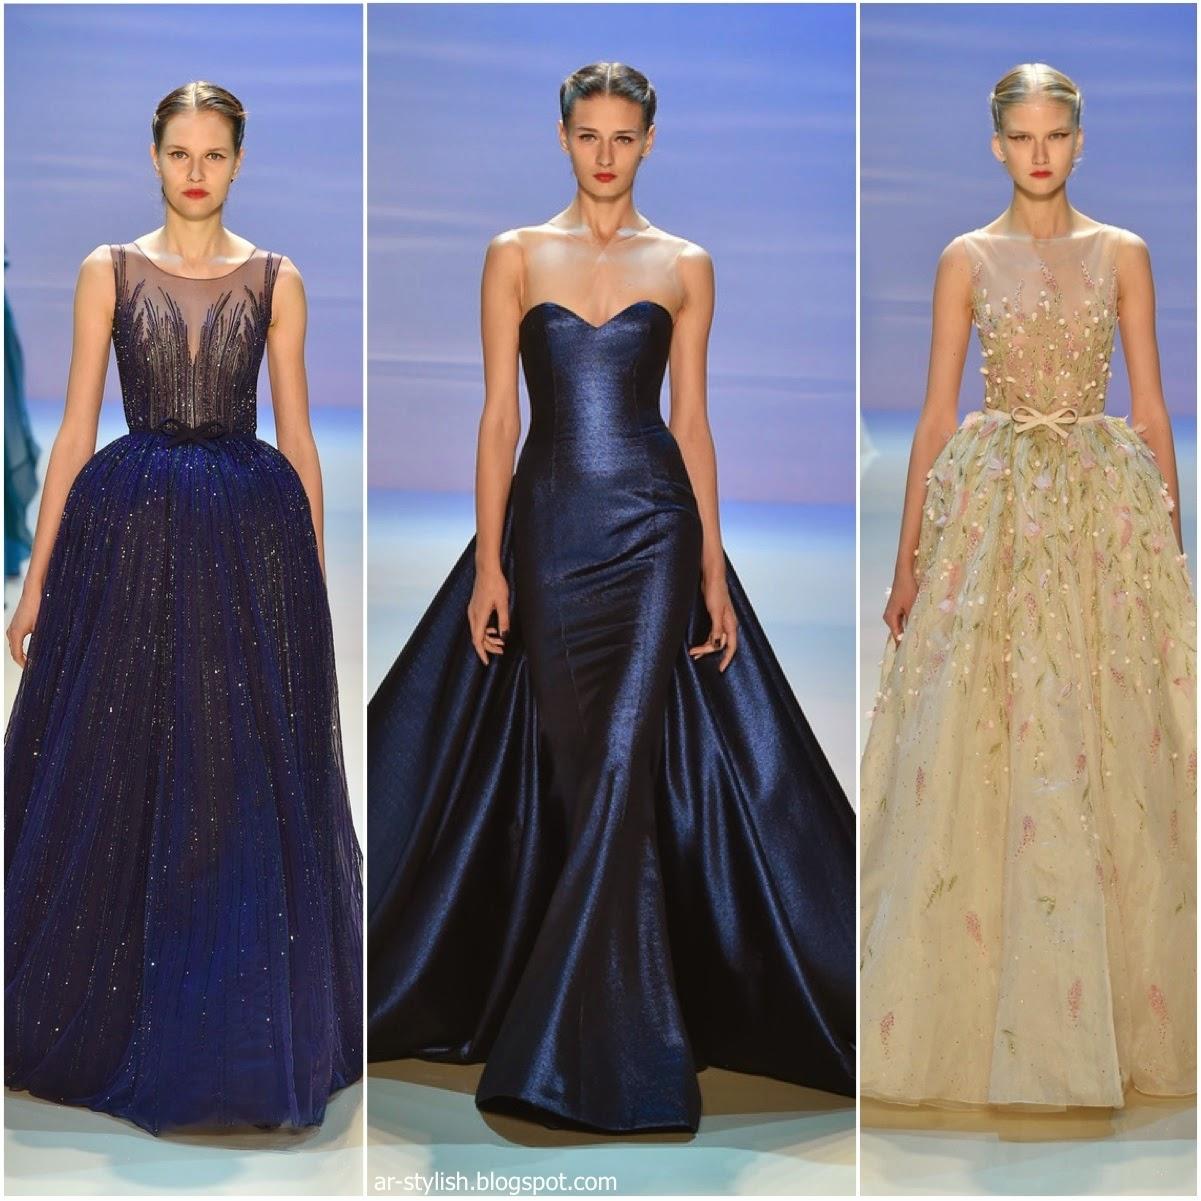 4c9a1d68bfac3 Ar Stylish  عروض أسبوع الموضة لأزياء الكوتور في باريس خريف وشتاء ...